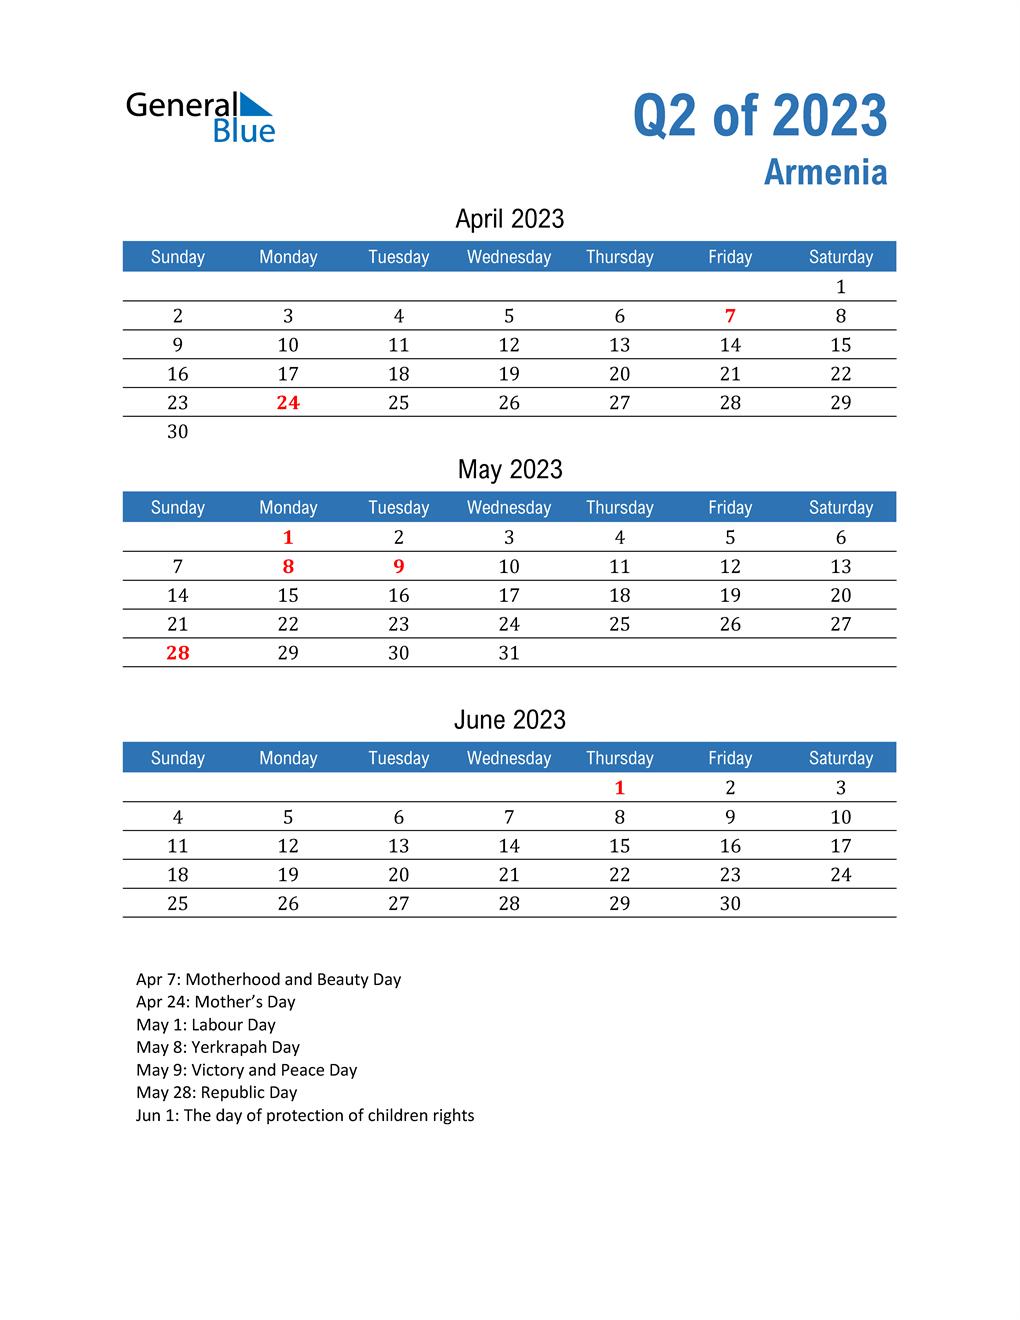 Armenia 2023 Quarterly Calendar